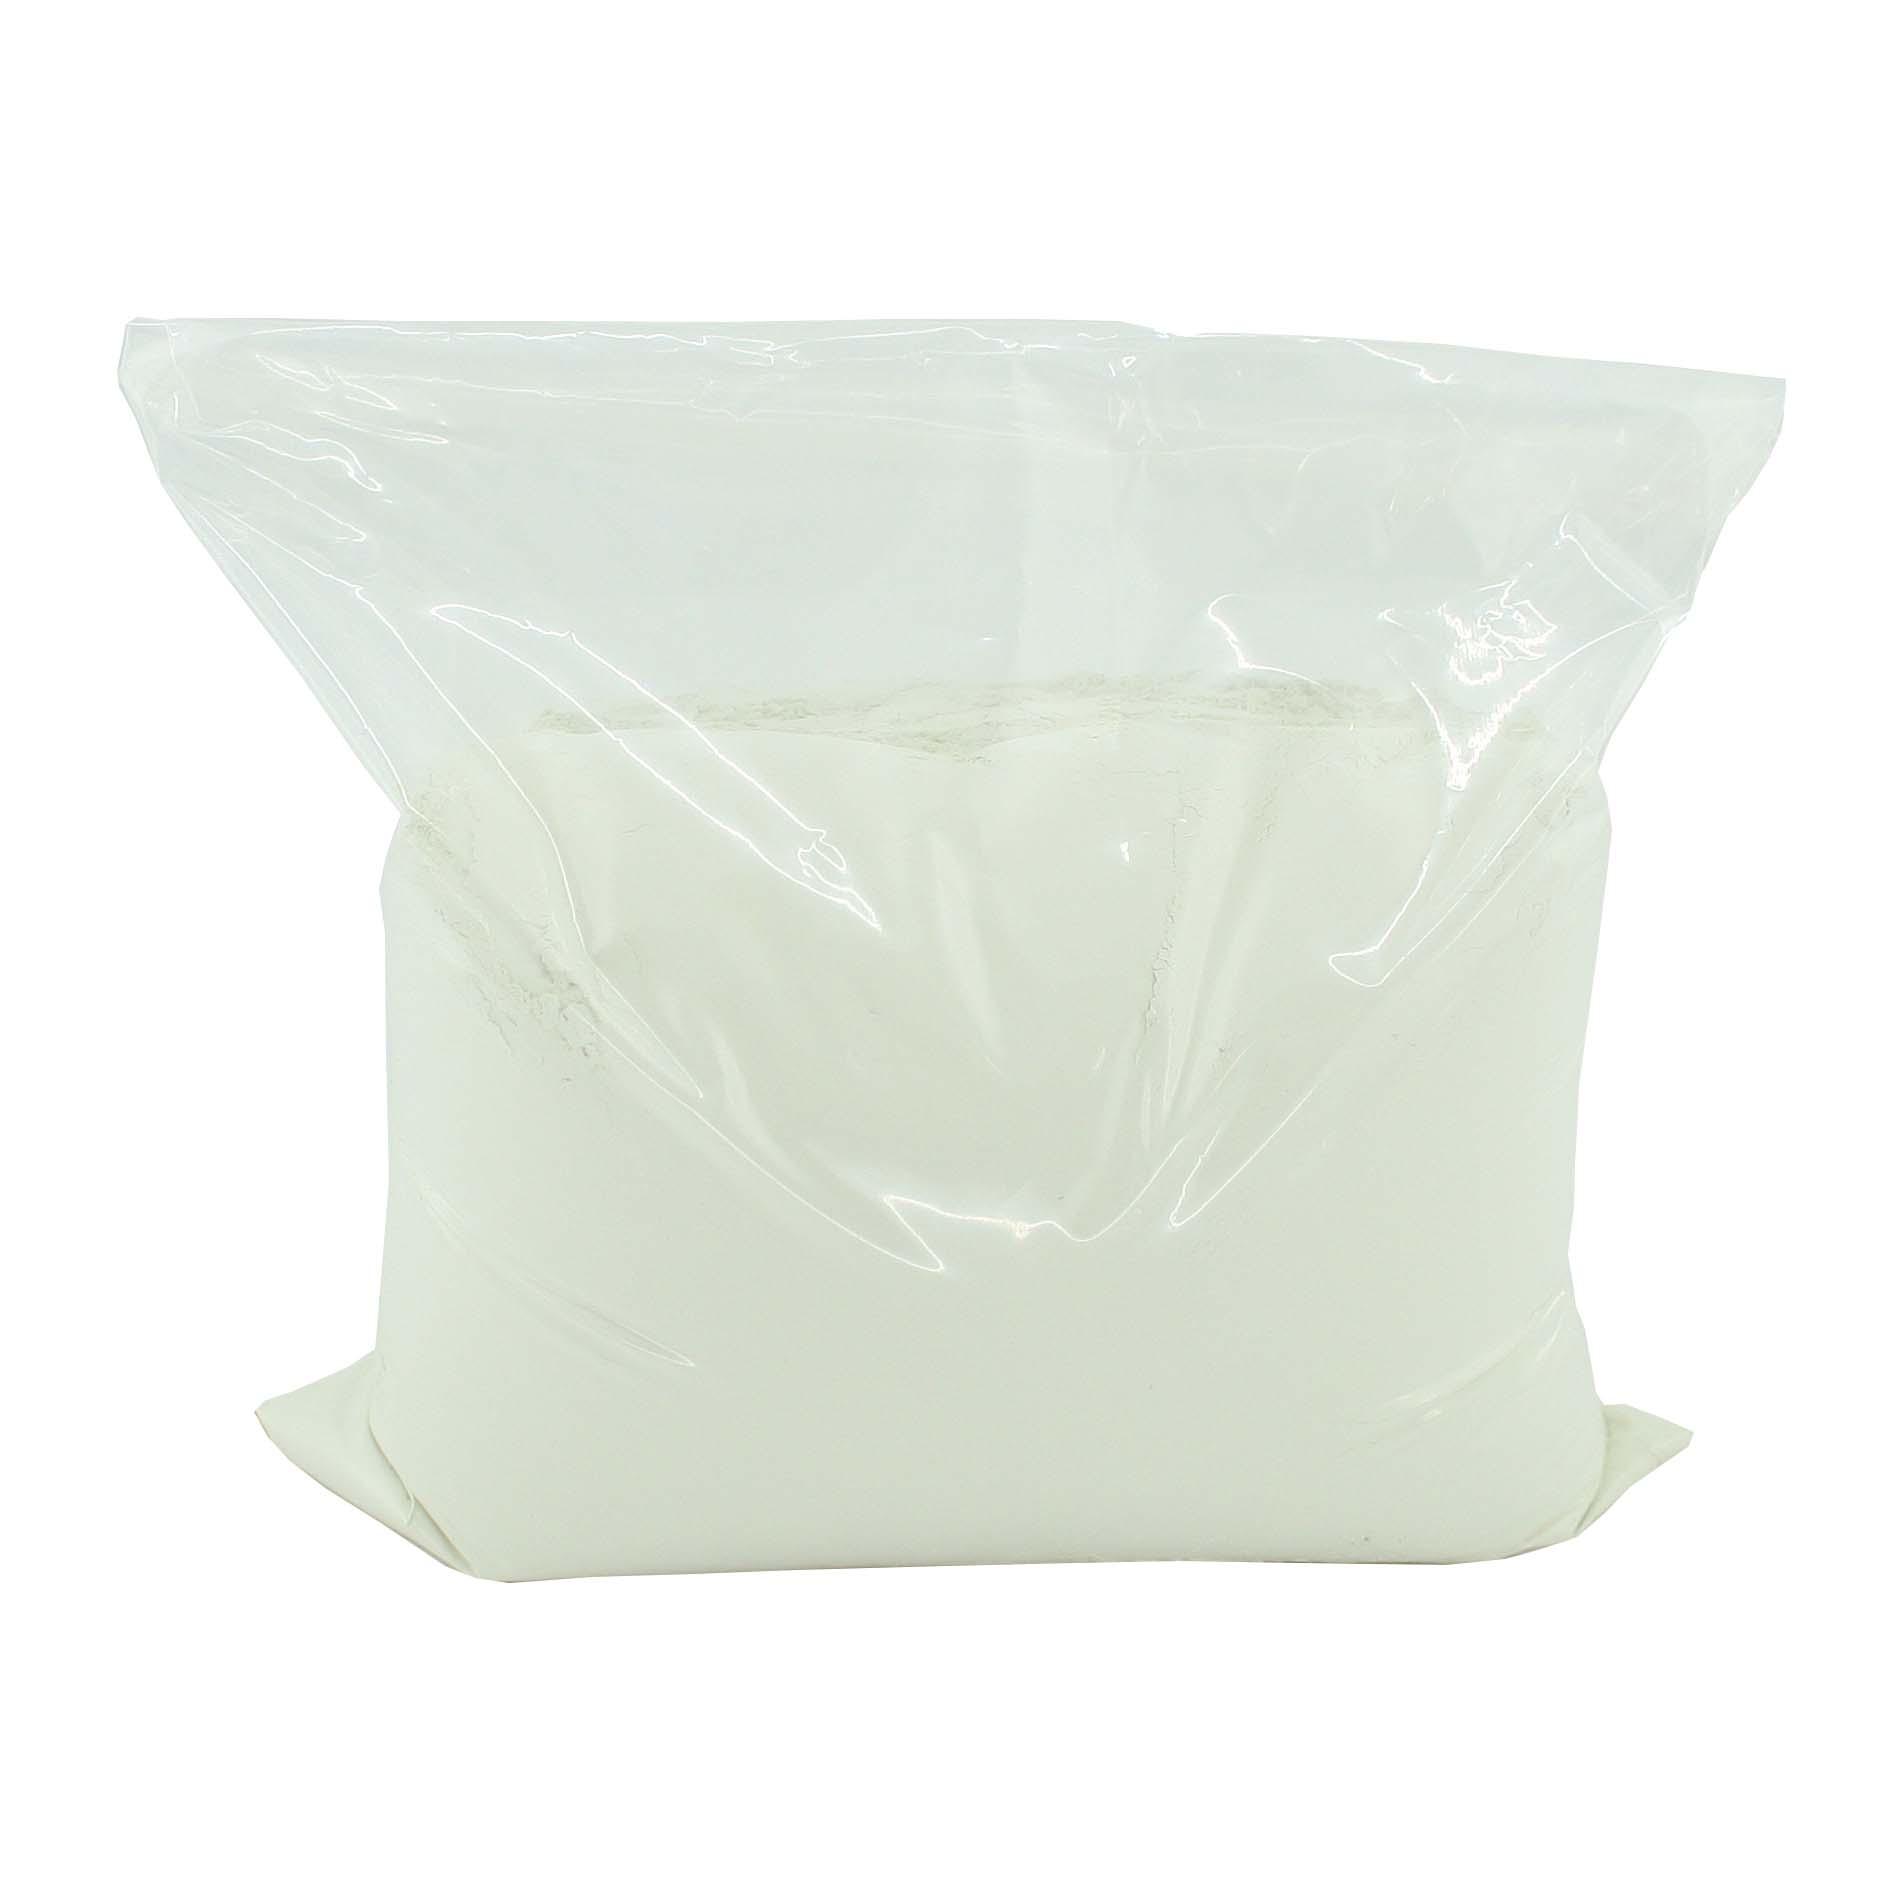 پودر سیمان سفید کد s5 وزن 5 کیلوگرم